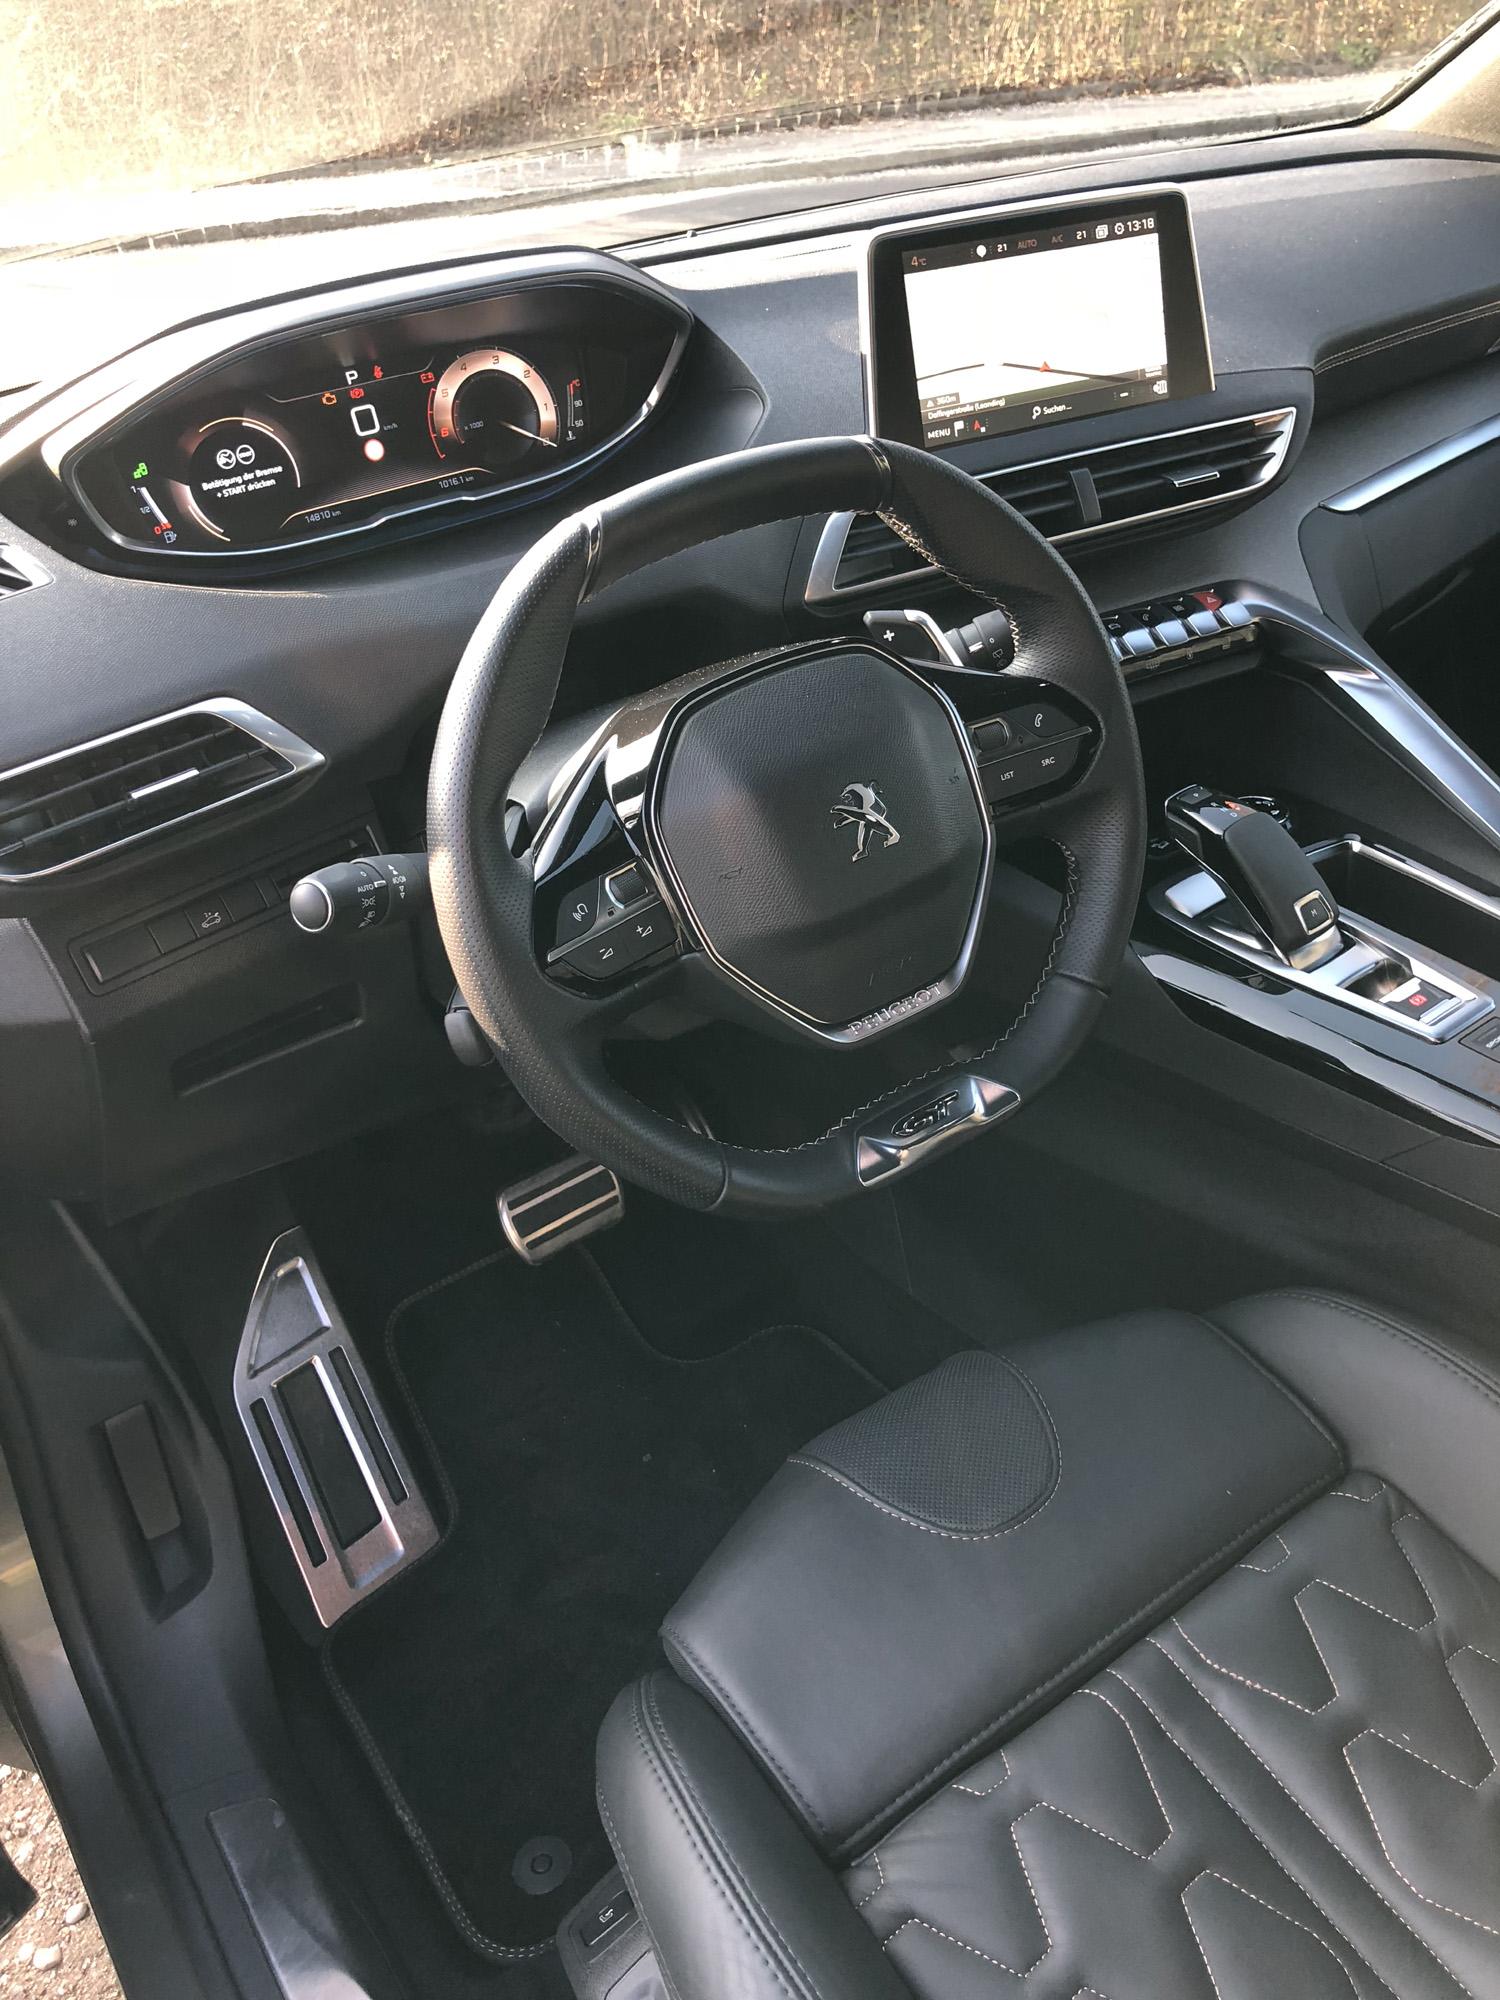 Peugeot 5008 Interieur – FAHRFREUDE.CC Autotests Fahrberichte Hoteltipps